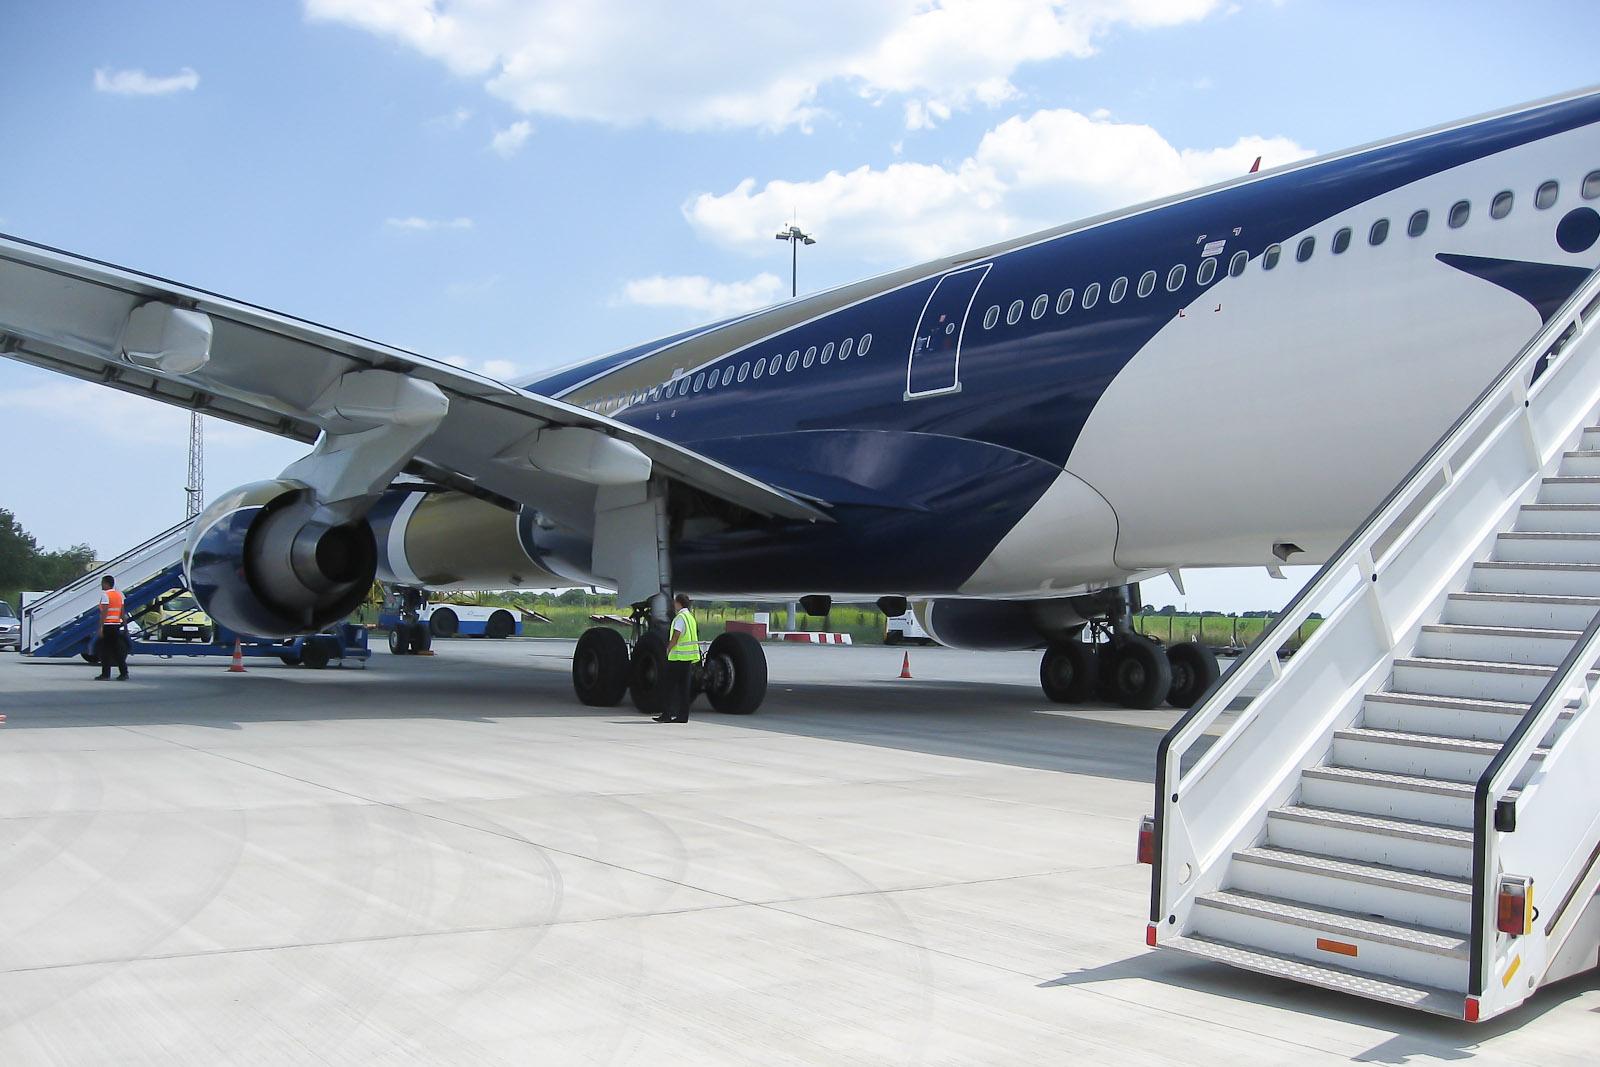 Airbus A330-300 Ай Флай в аэропорту Бургаса